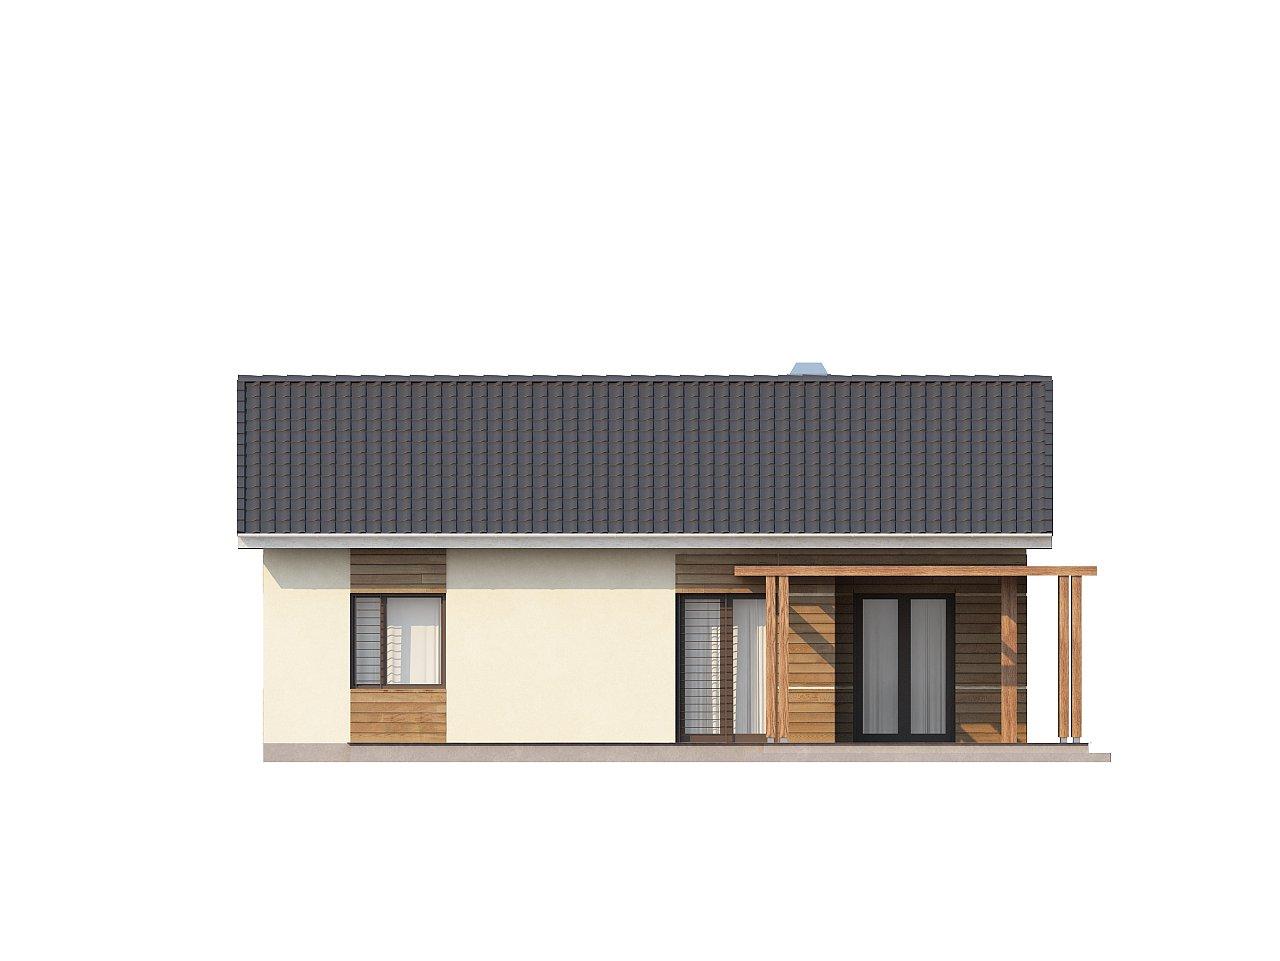 Проект компактного одноэтажного дома, экономичного как в строительстве, так и в эксплуатации. 15